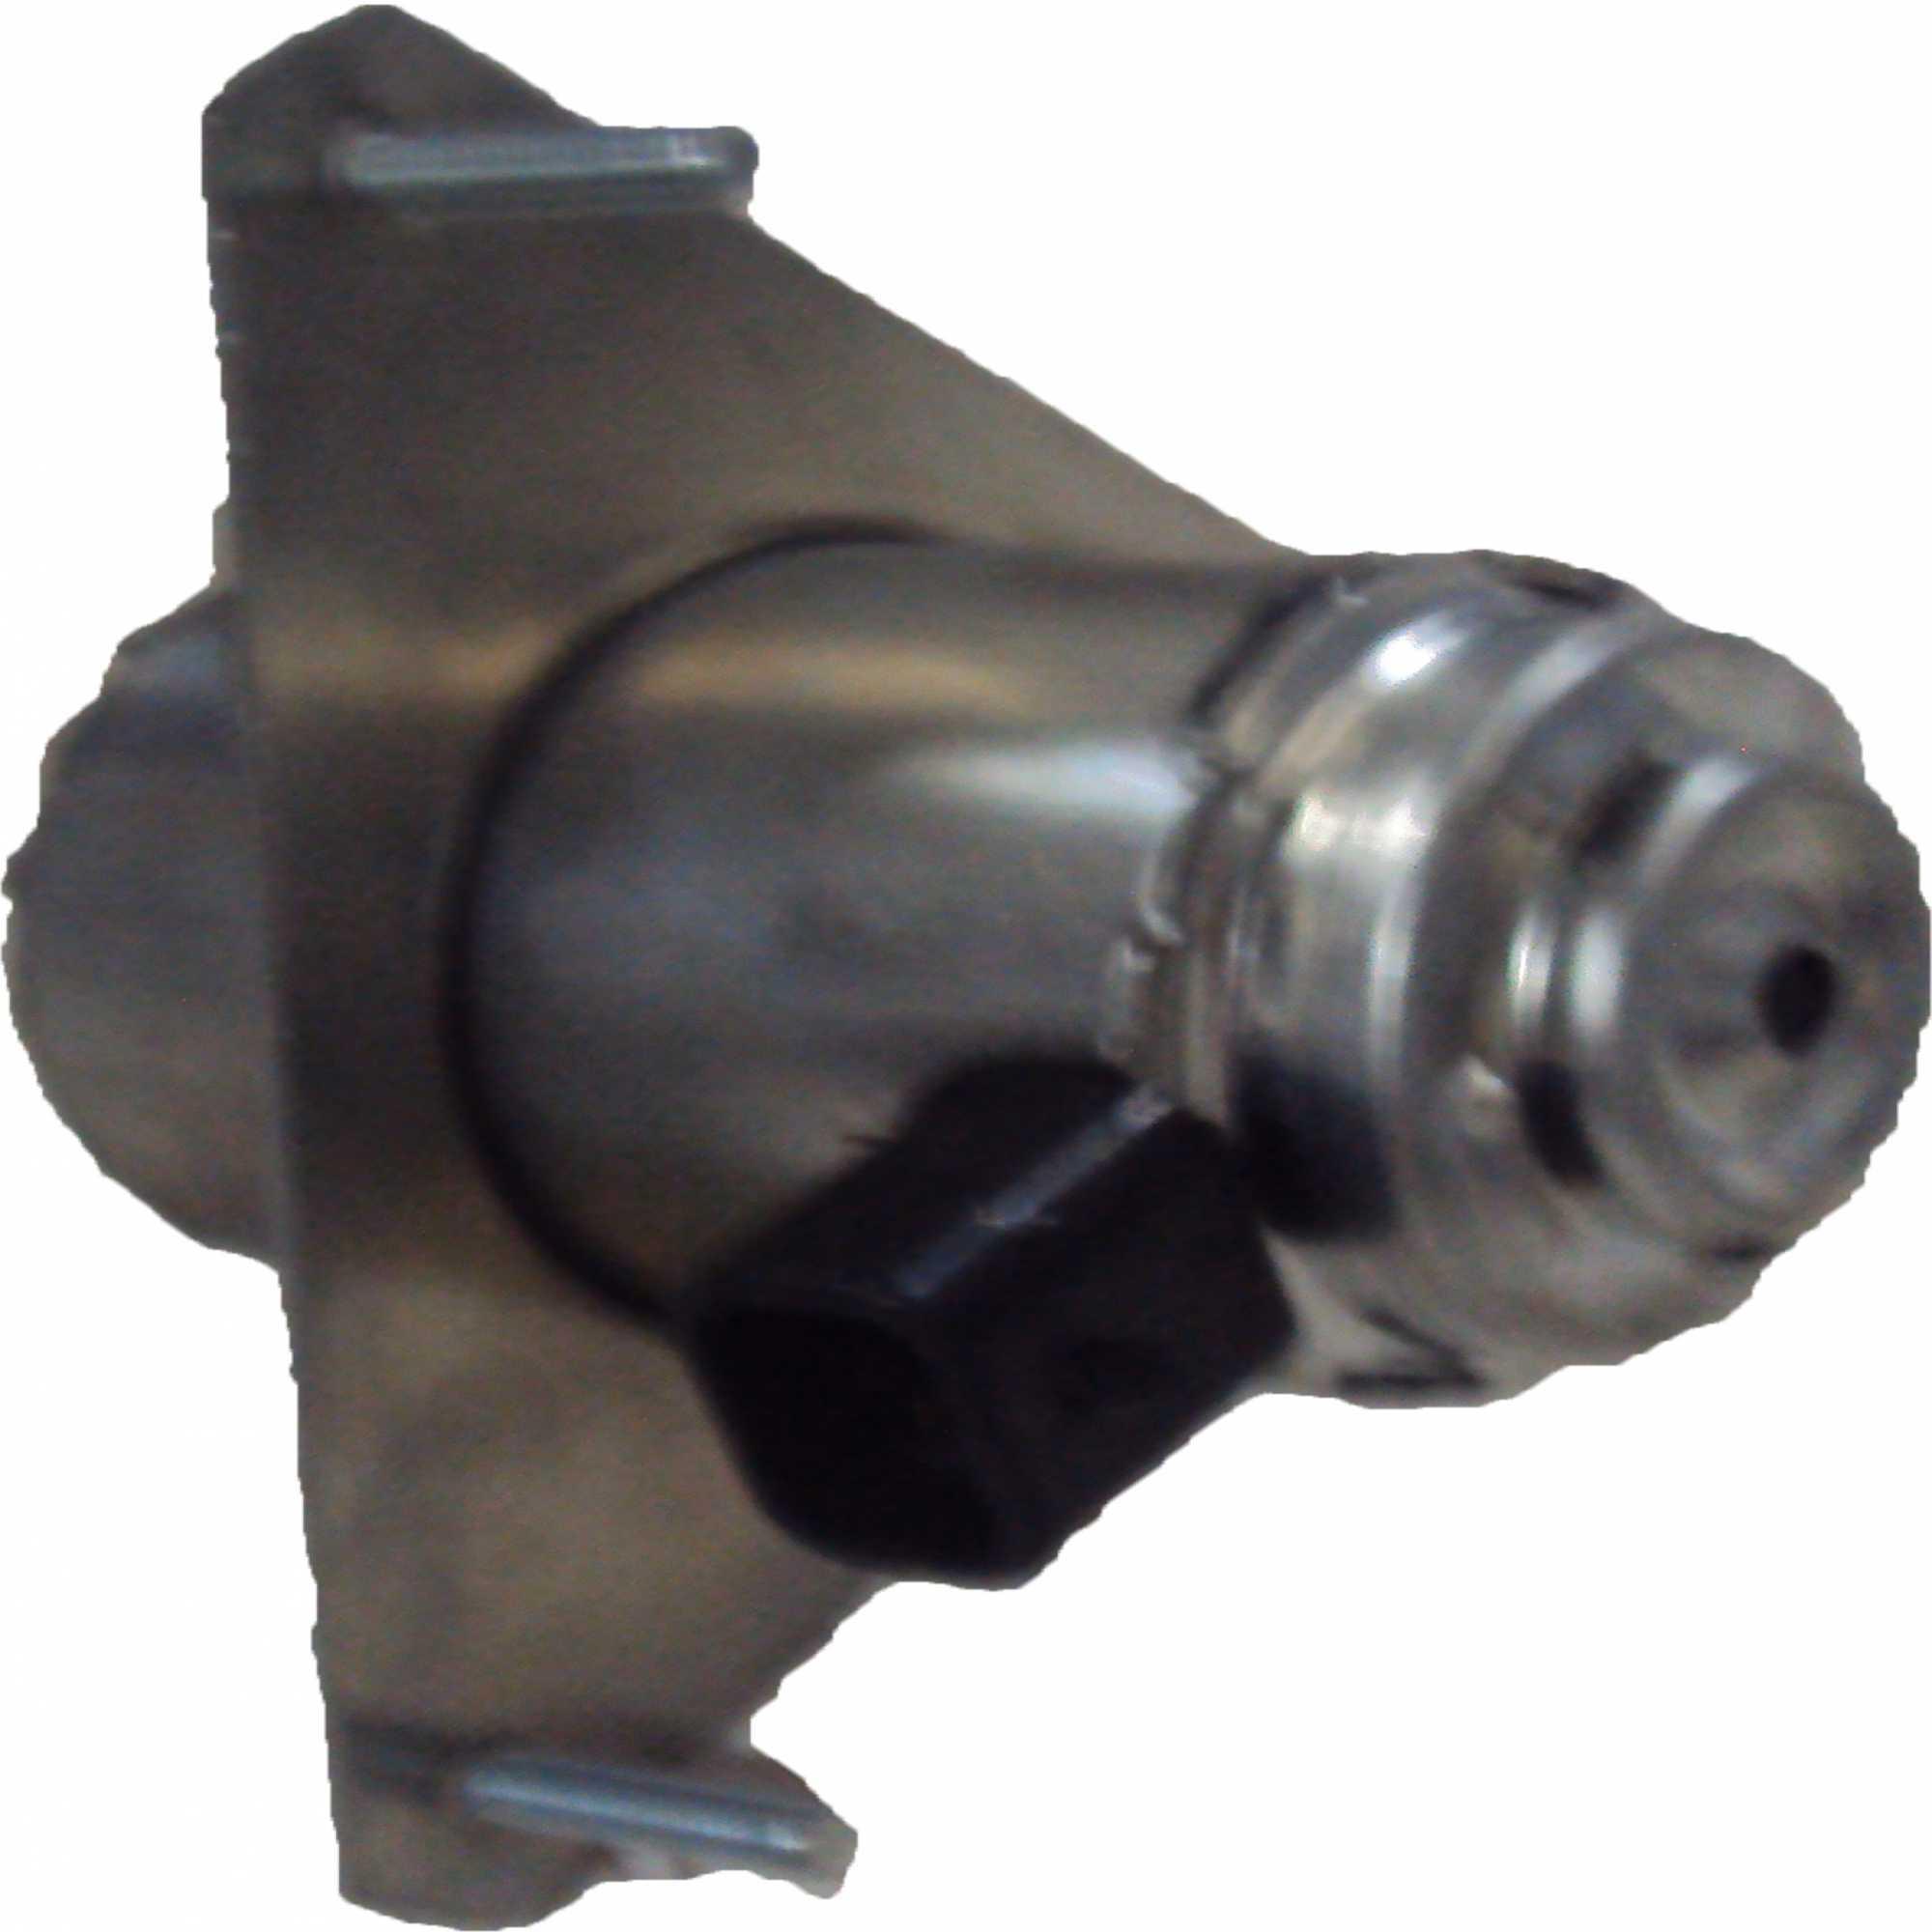 Motor Eletroventilador - Palio/uno S/helice Fixacao Helice Palio/uno S/helice Fixacao Helice C/ Porca *sist. Behr*